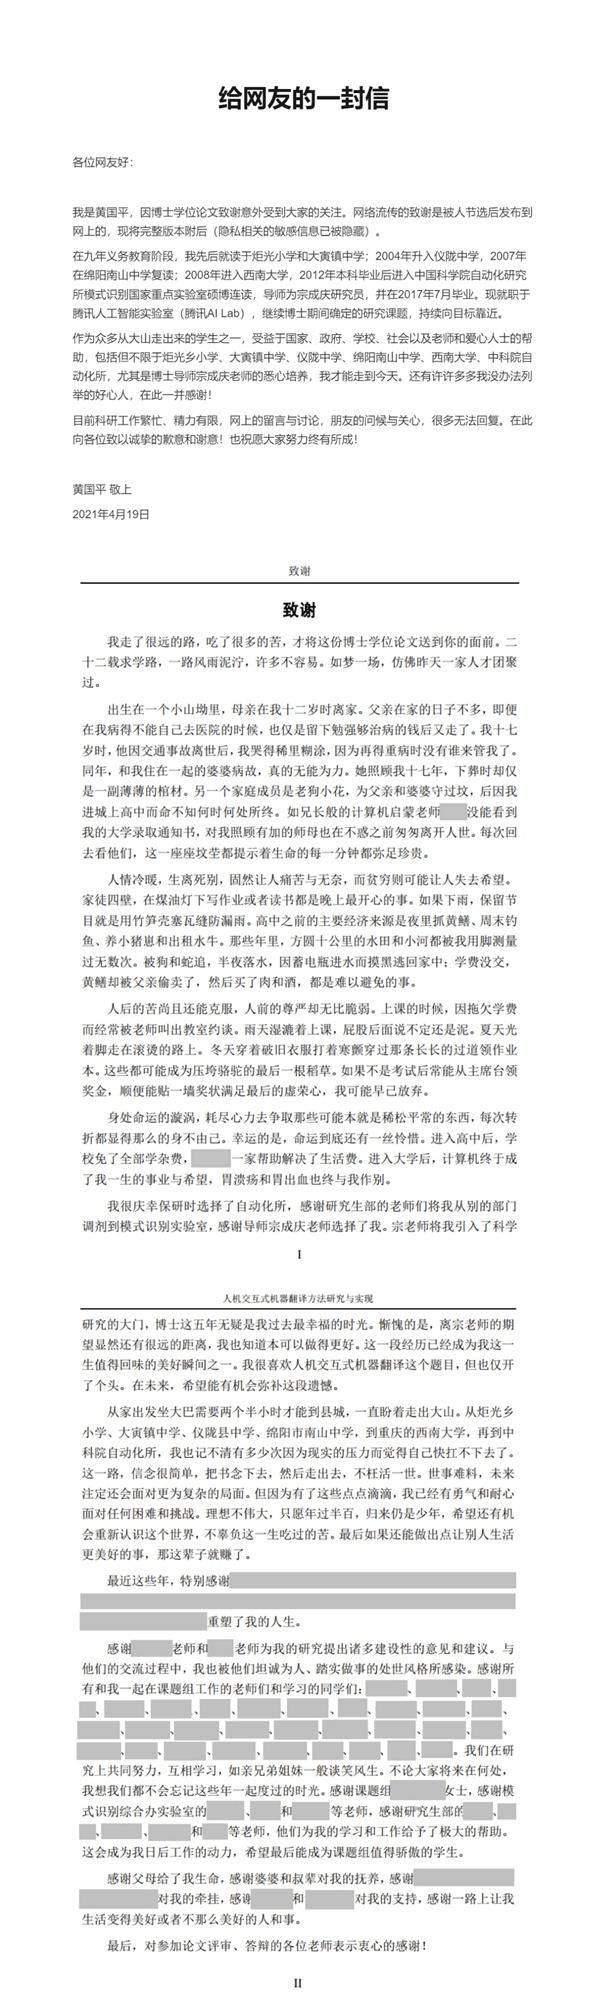 """论文""""致谢""""刷屏 研究人工智能的黄国平博士给网友回信了"""